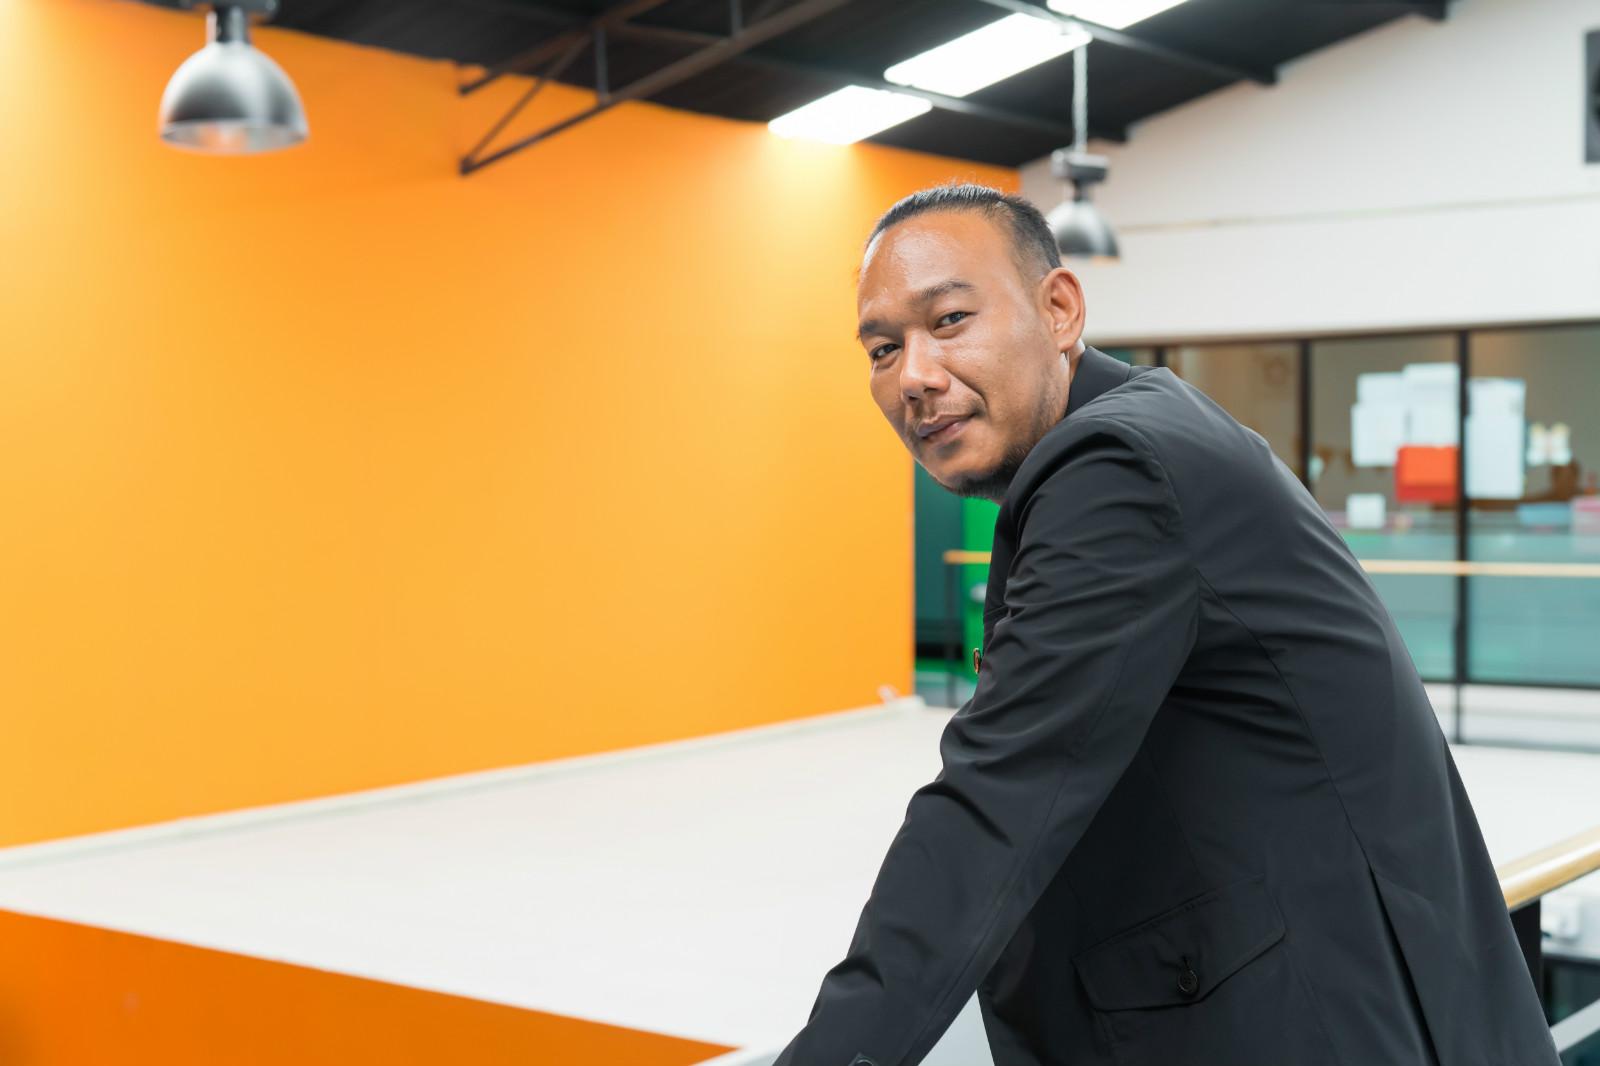 泰國HISO蟲零食品牌創辦人,將傳統吃蟲文化重新包裝((VISION THAI 看見泰國)